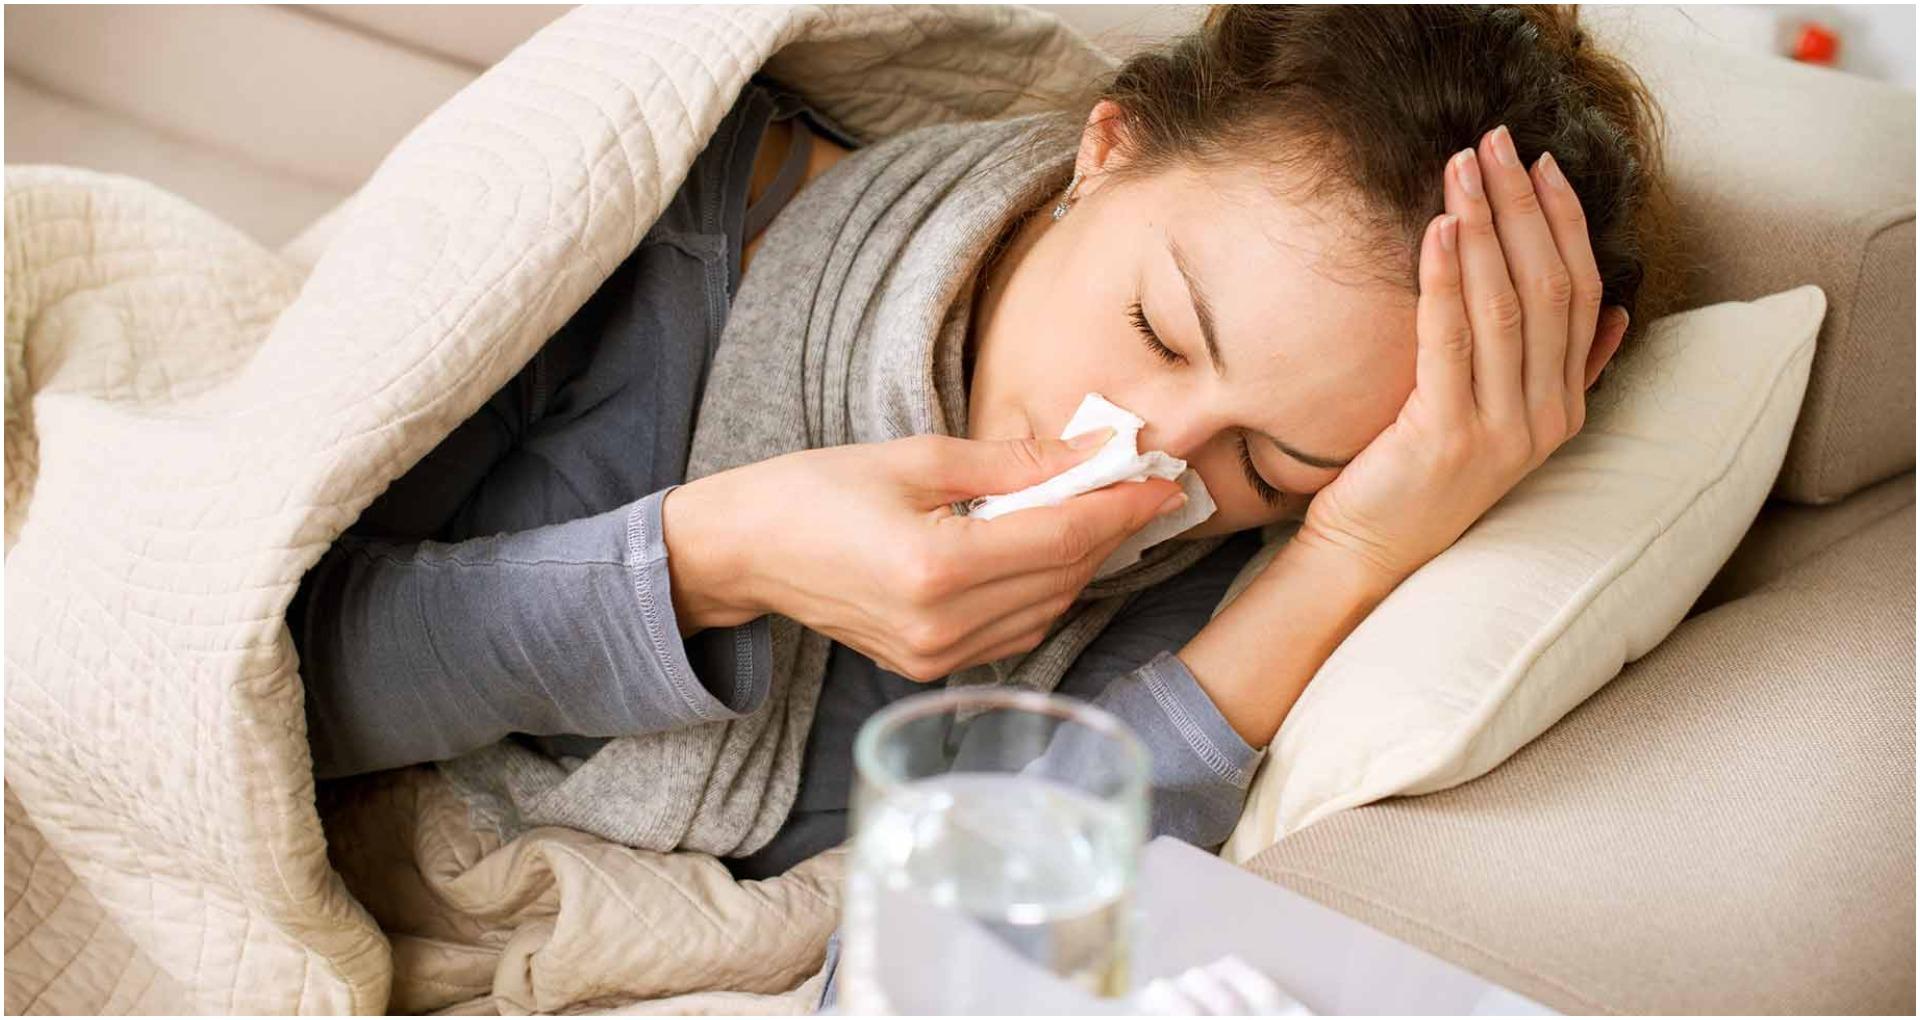 Coronavirus Vs Flu Vs Allergy: जानें इन तीनों बीमारी के लक्षण एक-दूसरे से कैसे हैं भिन्न